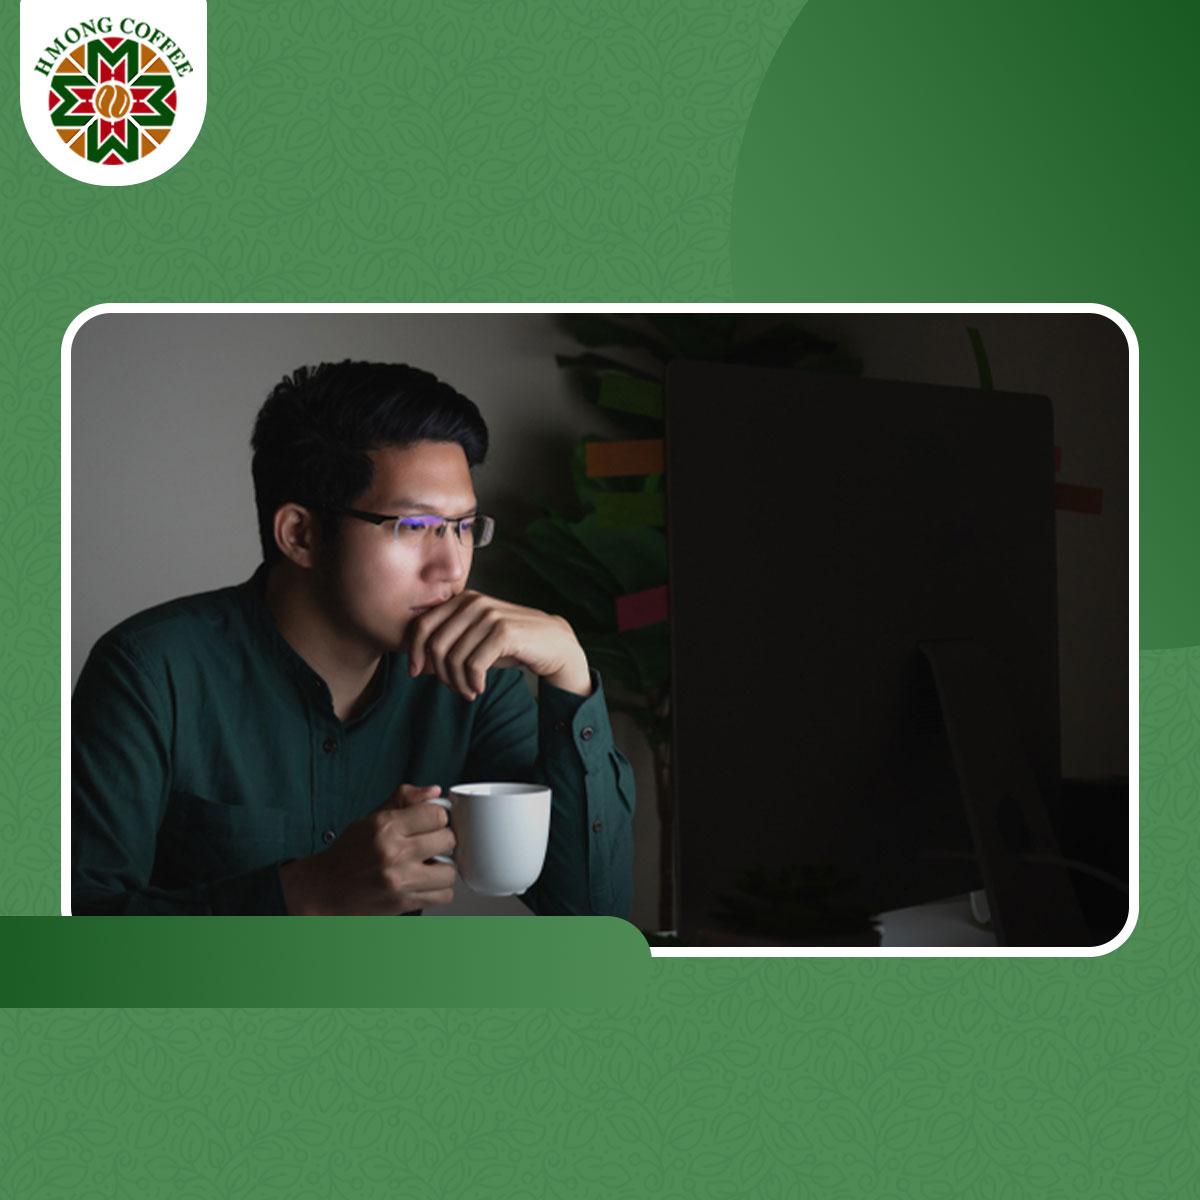 Thưởng thức một ly cà phê theo từng thời điểm mang đến dư vị khác nhau